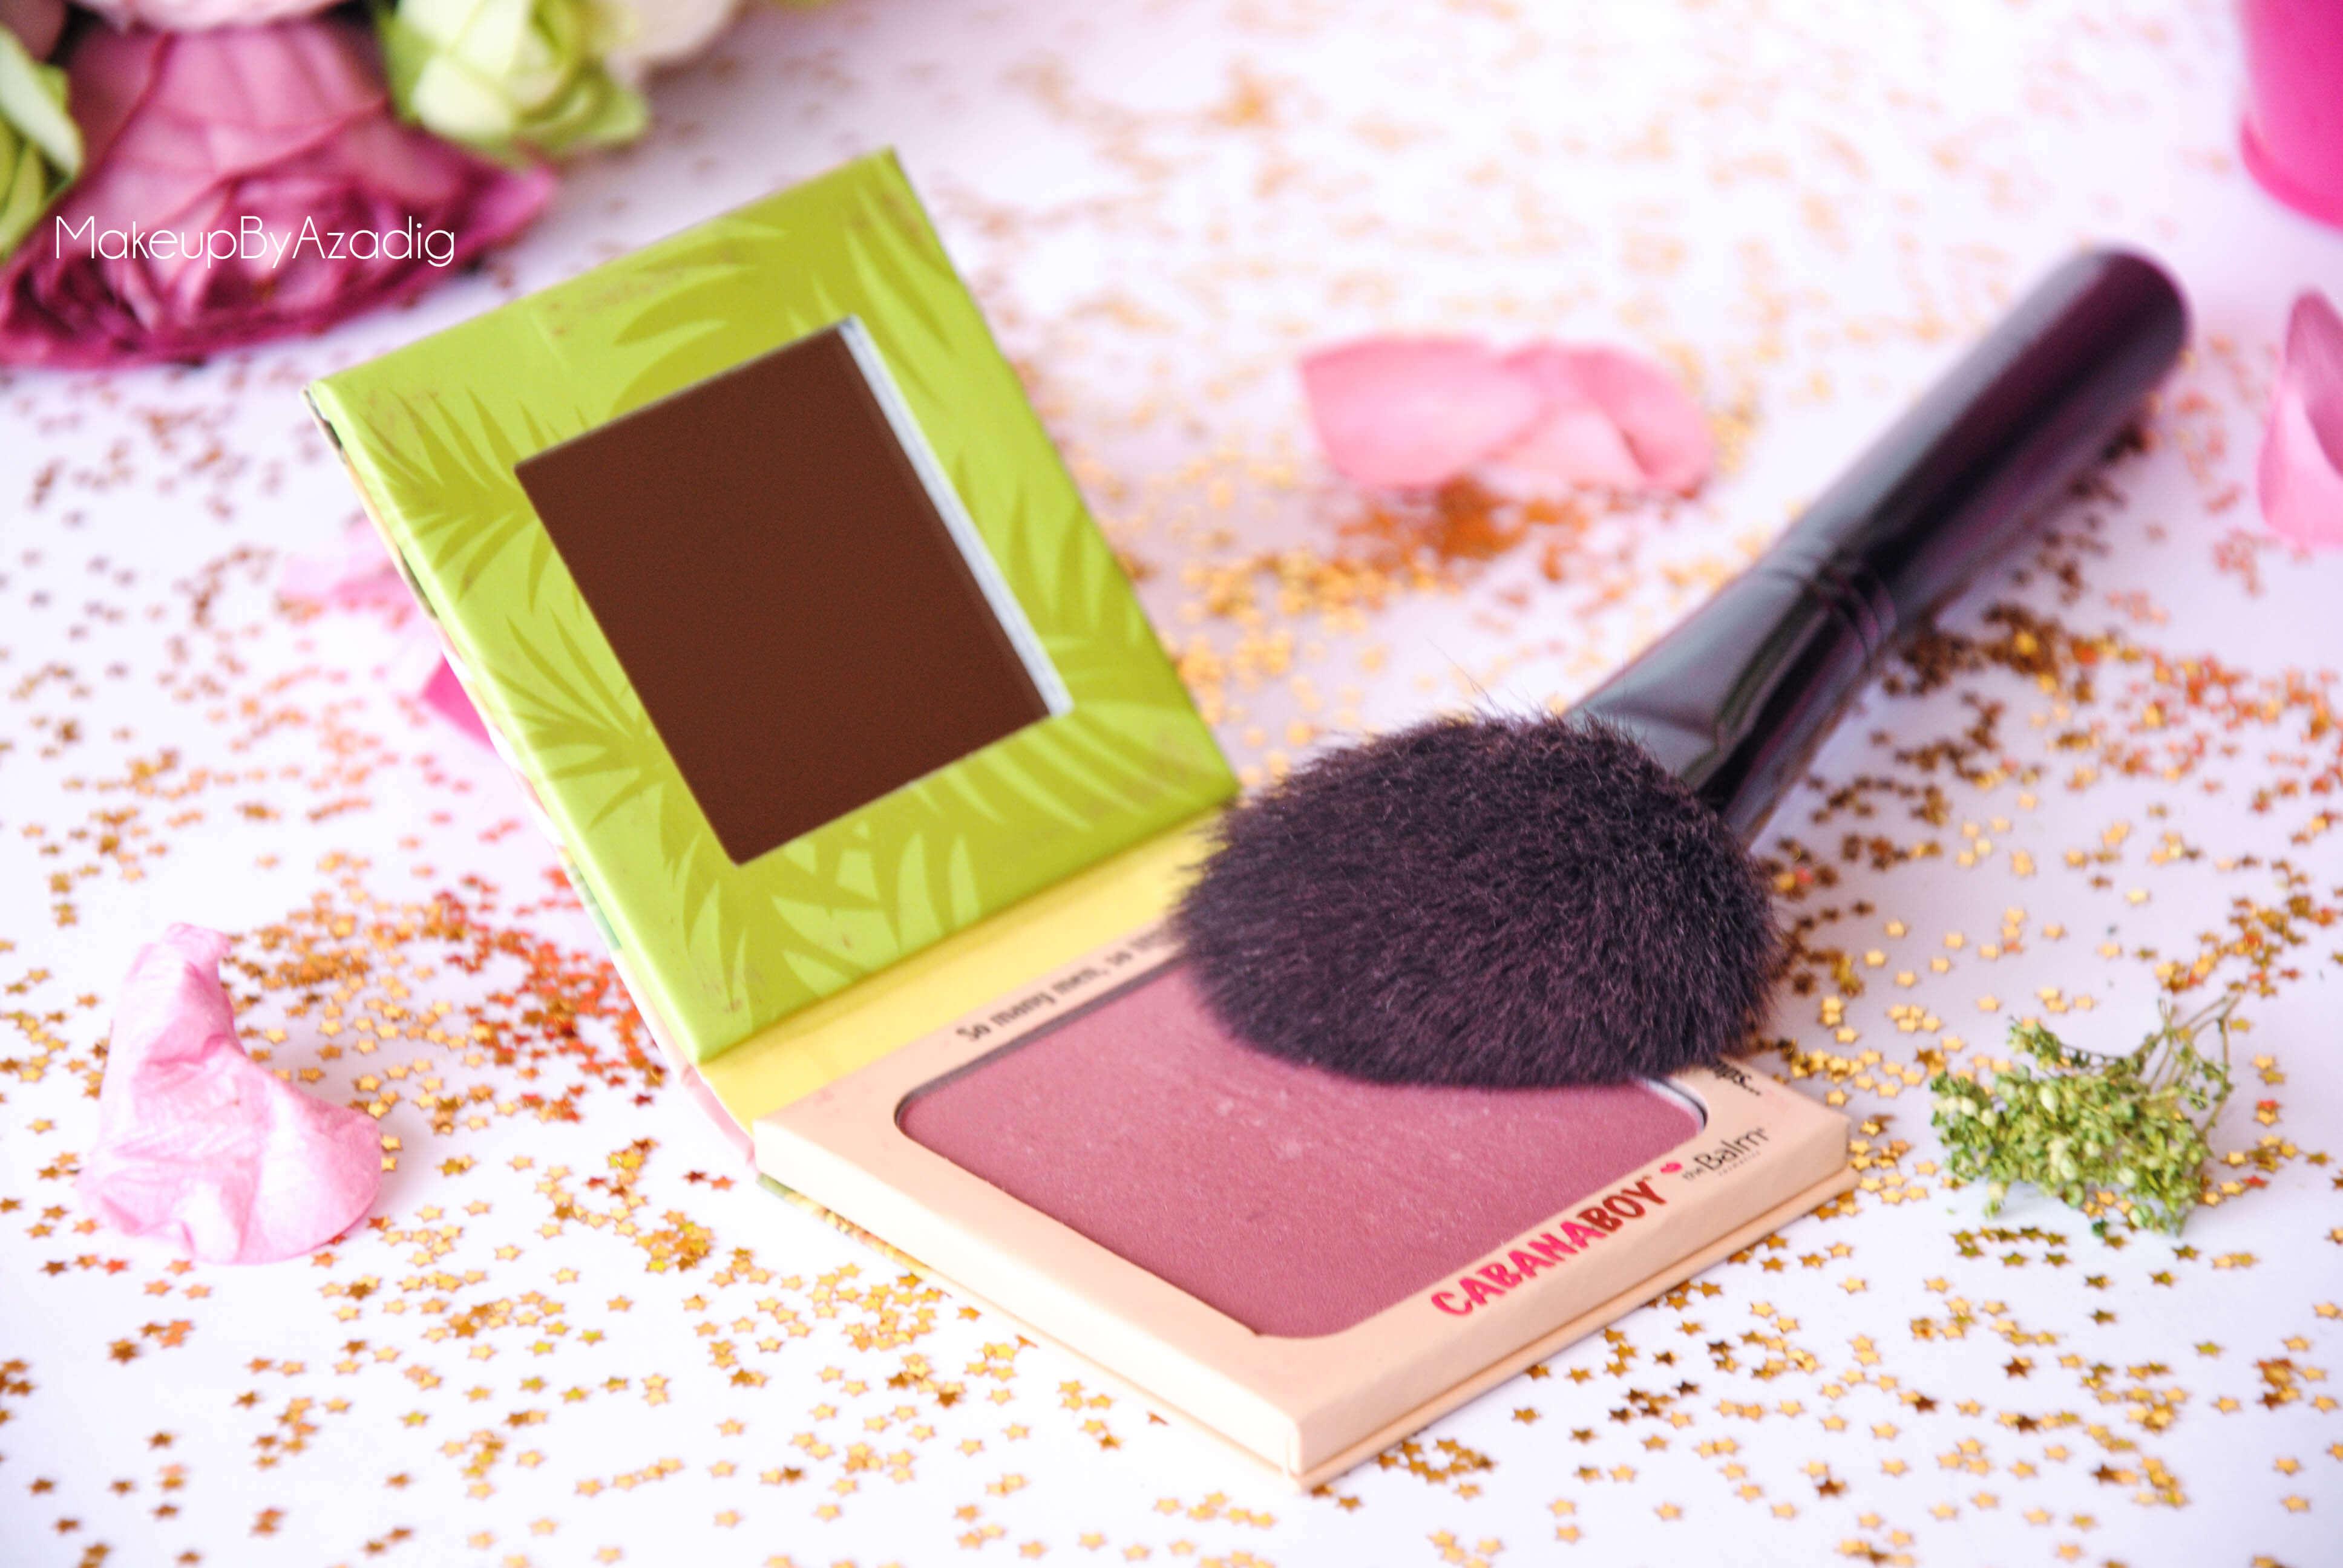 cabanaboy-the balm-blush rose fonce-monoprix-beaute privee-the beautyst-makeupbyazadig-brushes